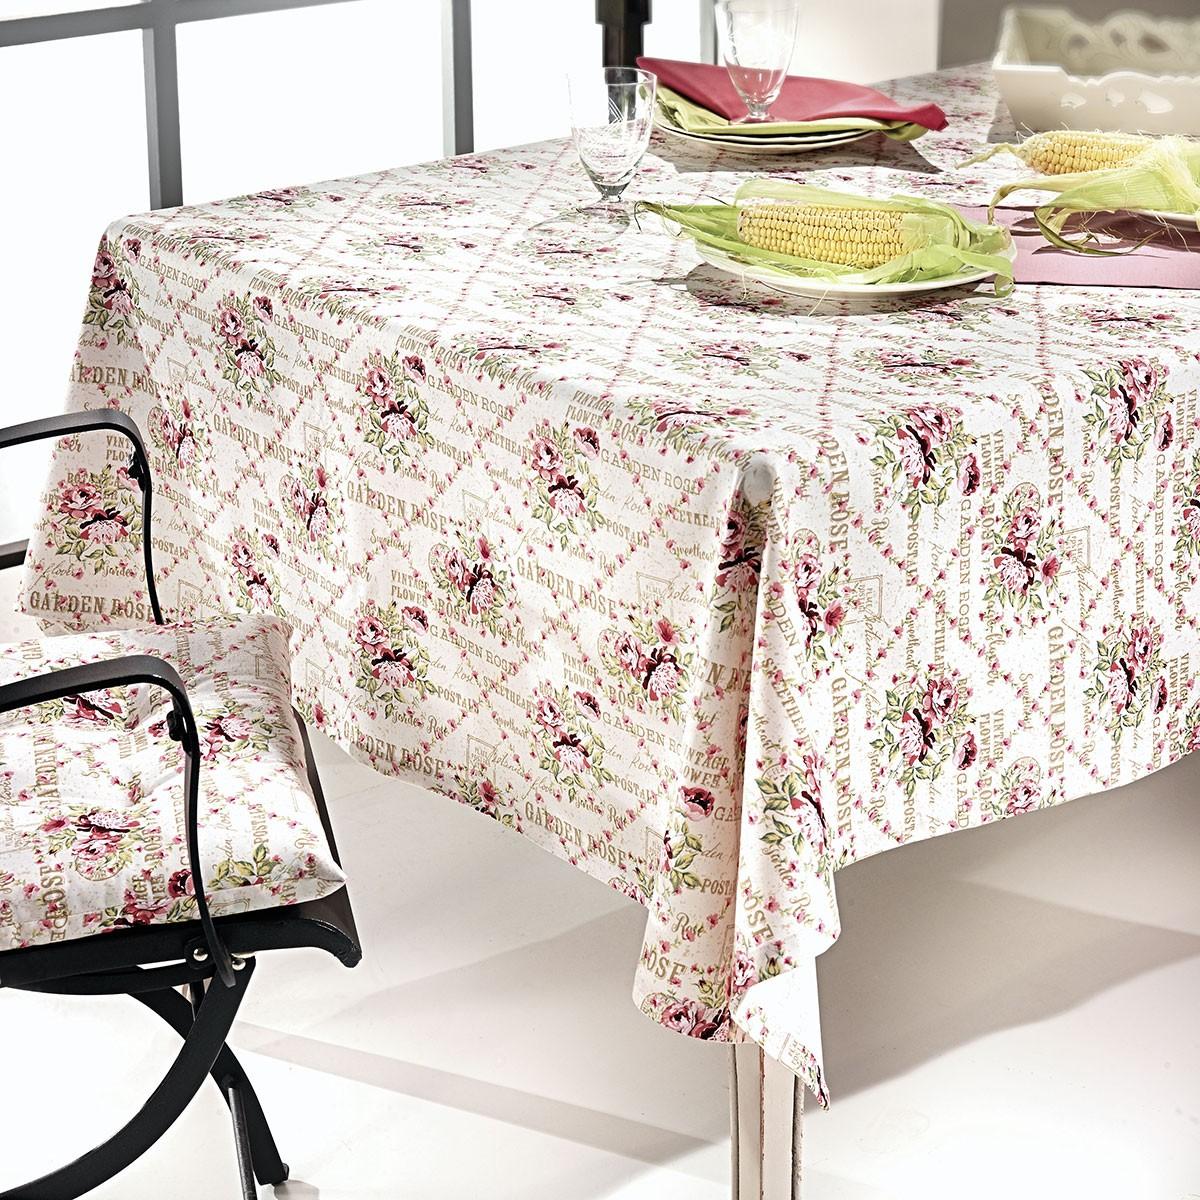 Τραπεζομάντηλο (150×150) Nima Garden Rose 01 Pink